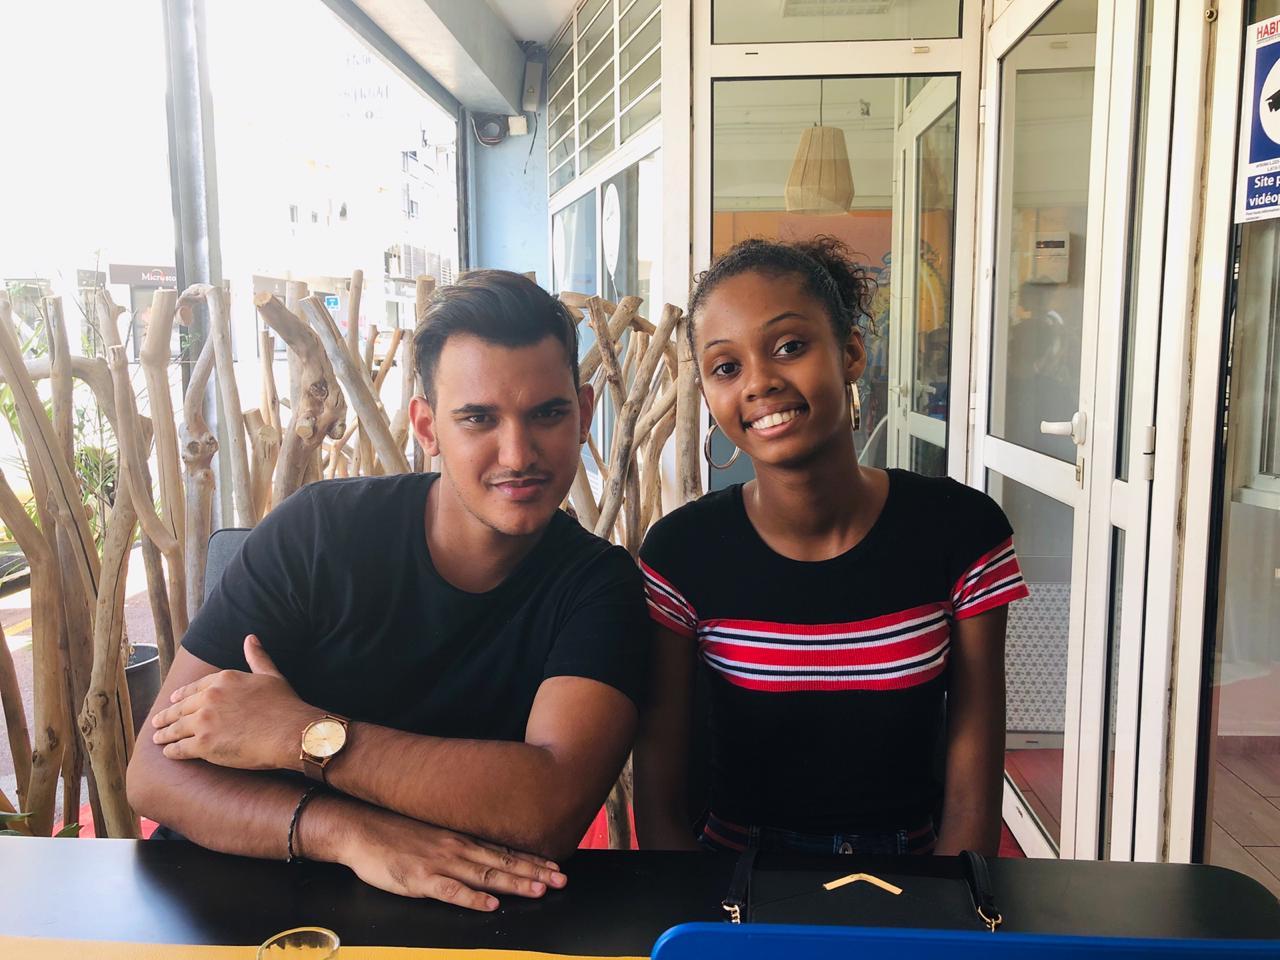 Camille en compagnie de Laurent l'animateur d'NRJ Réunion